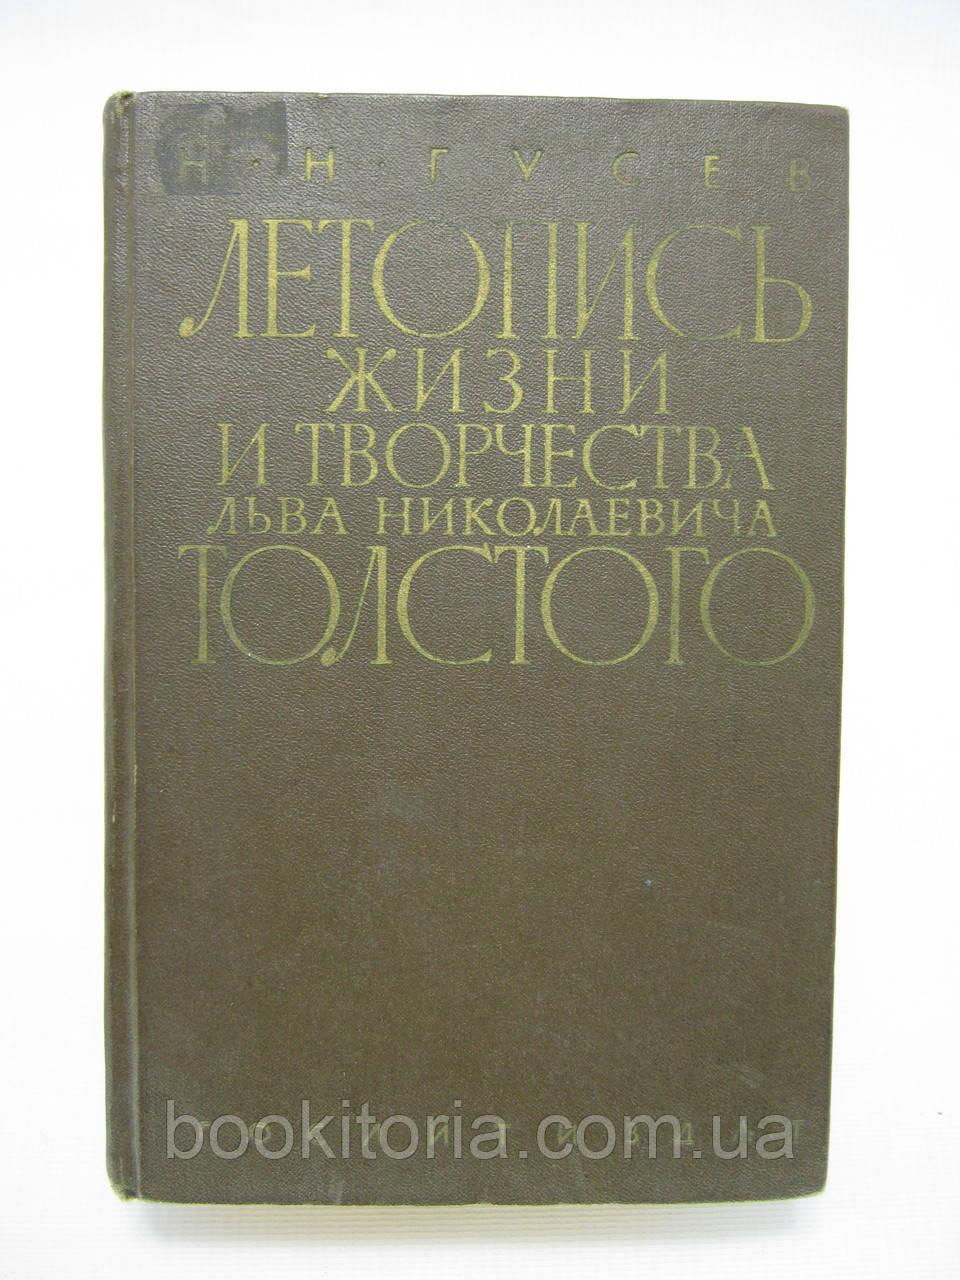 Гусев Н. Летопись жизни и творчества Льва Николаевича Толстого. В двух (2) томах. Том 1 (б/у).